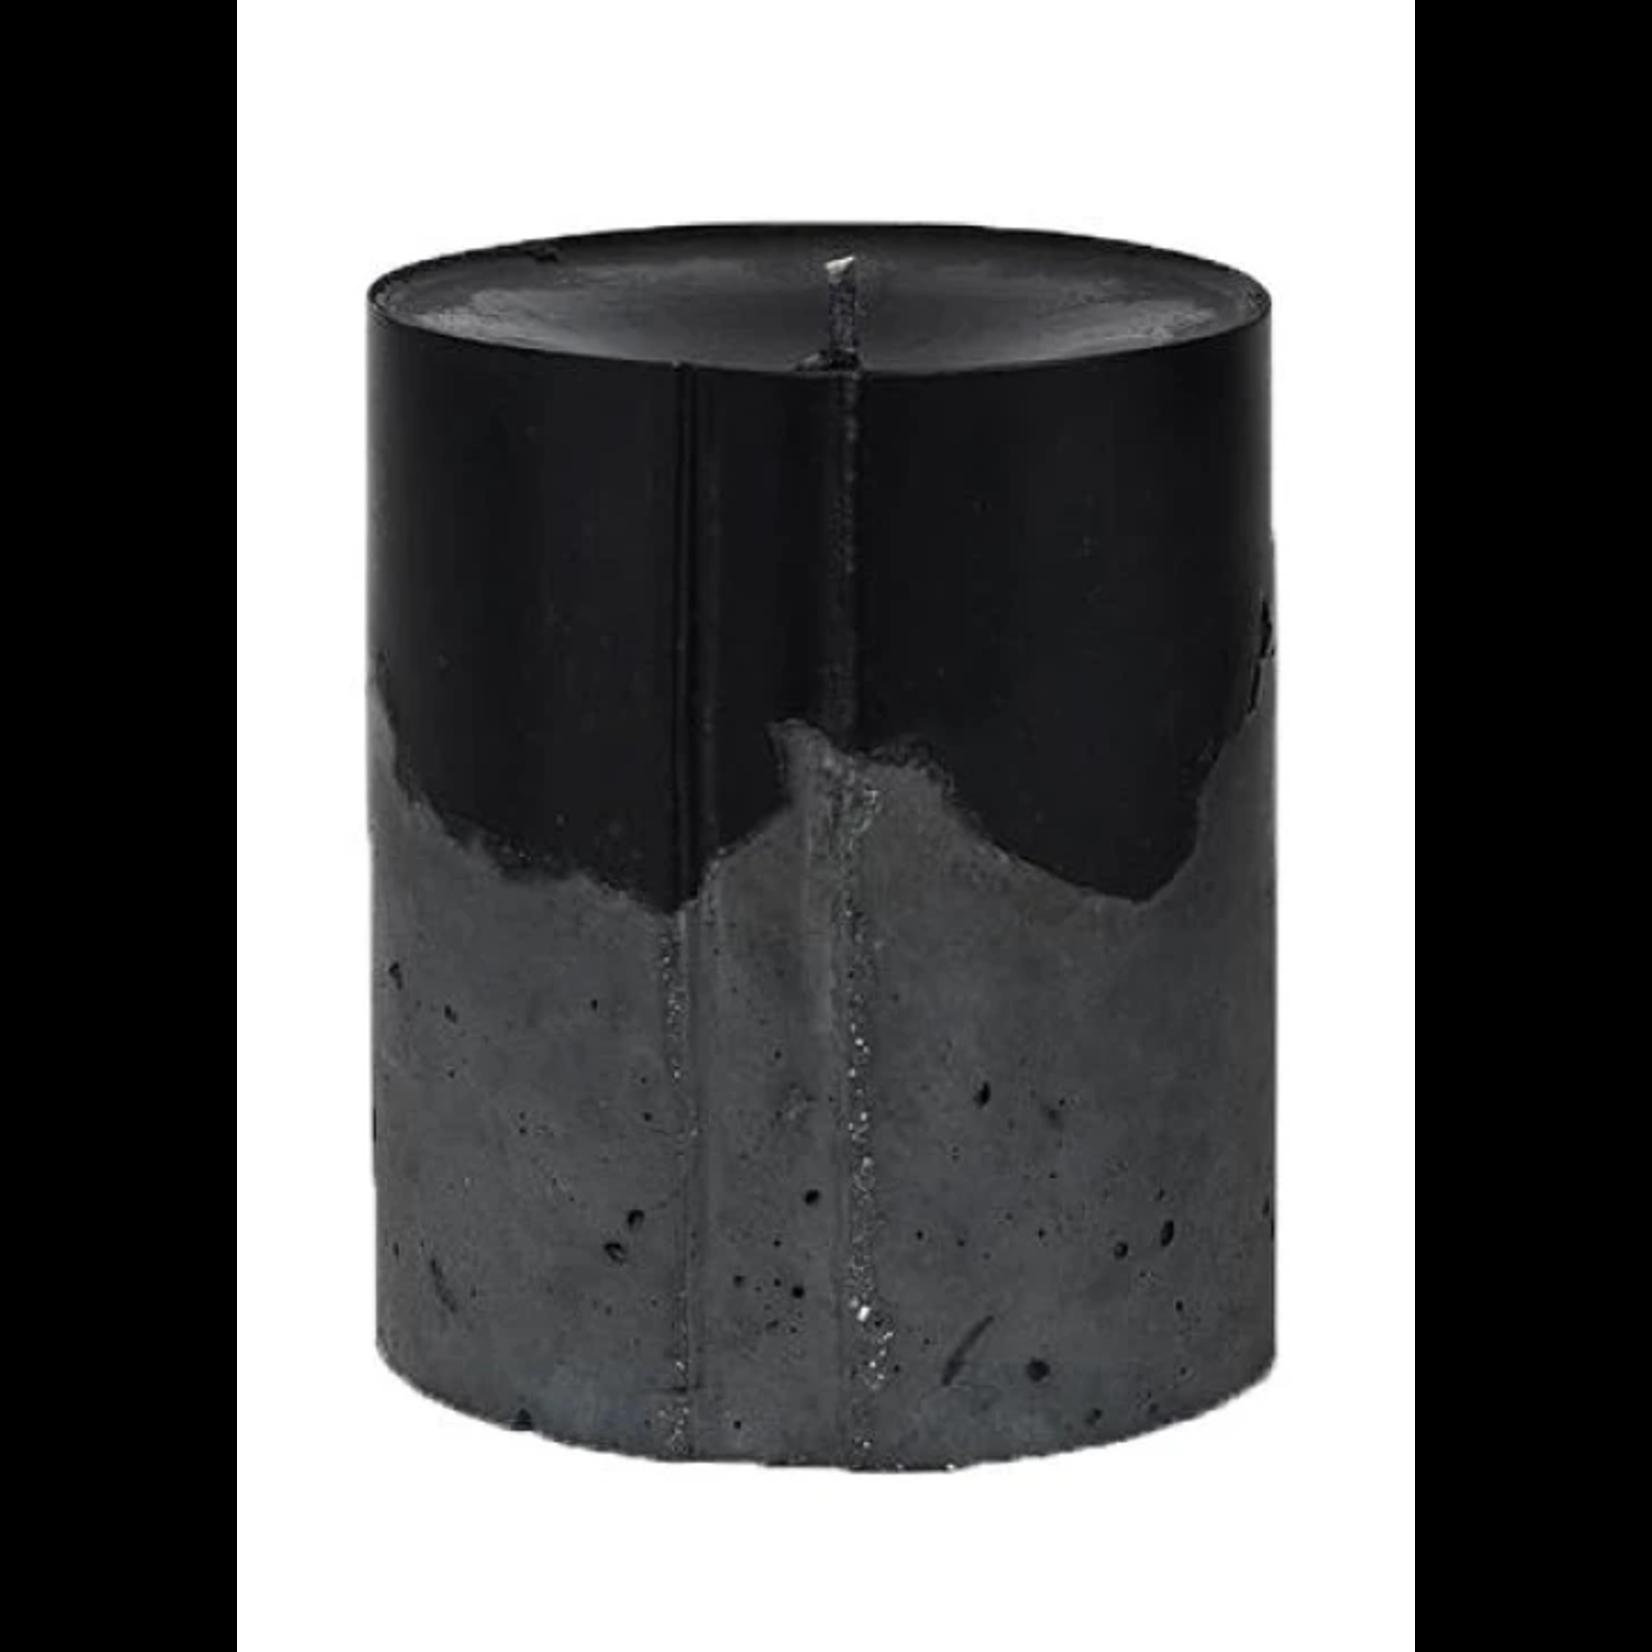 Concrete Love Vetiver Black Concrete Candle